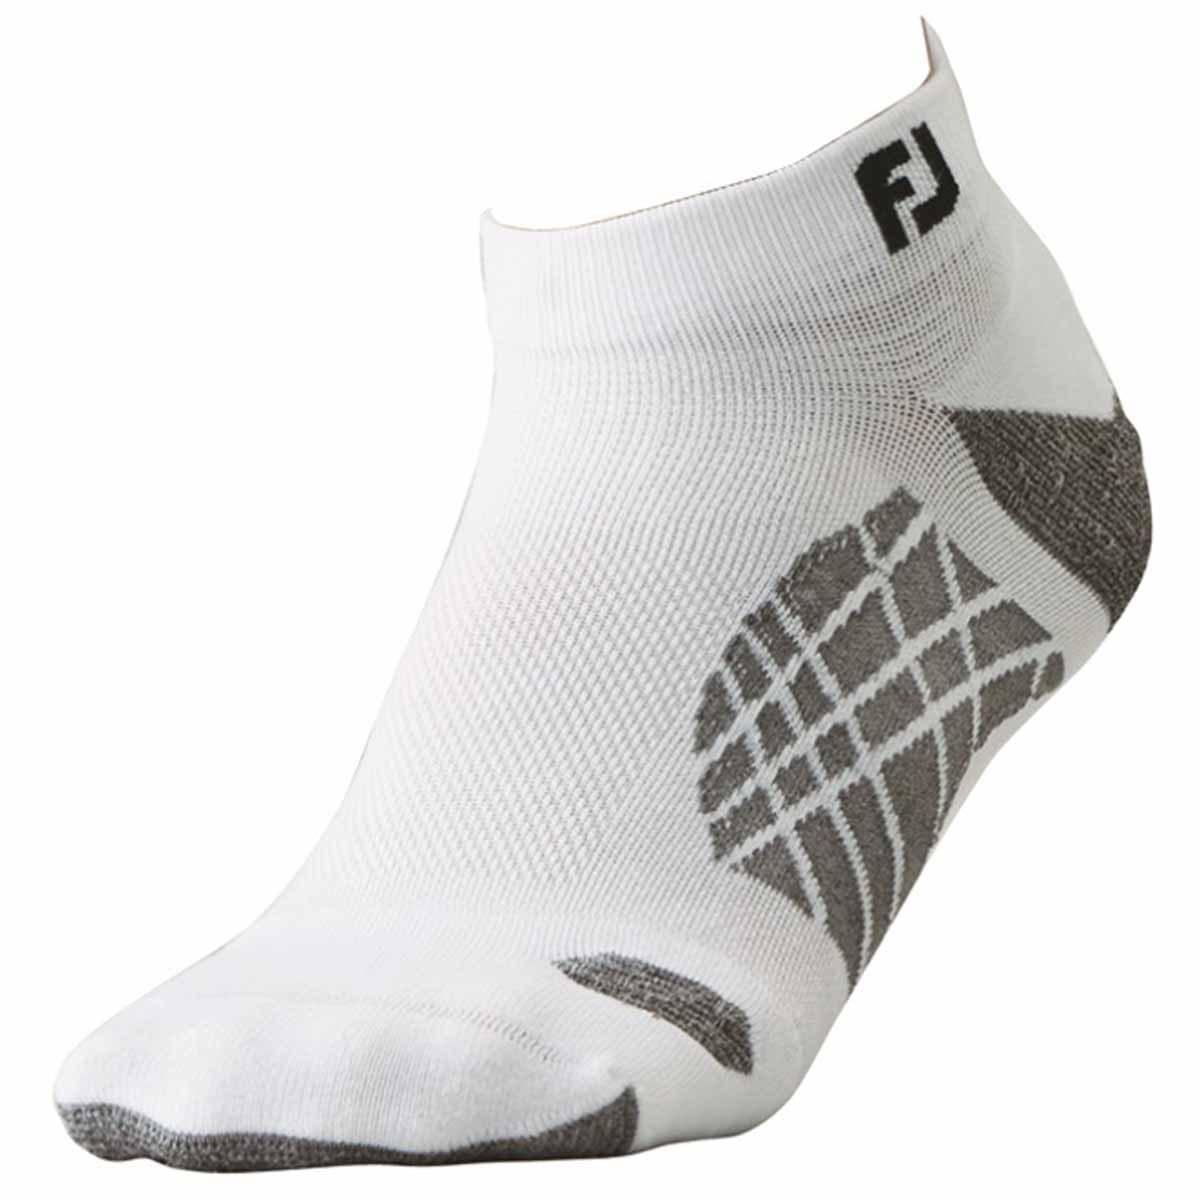 フットジョイ Foot Joy ナノロックテック スポーツ ソックス フリー ホワイト